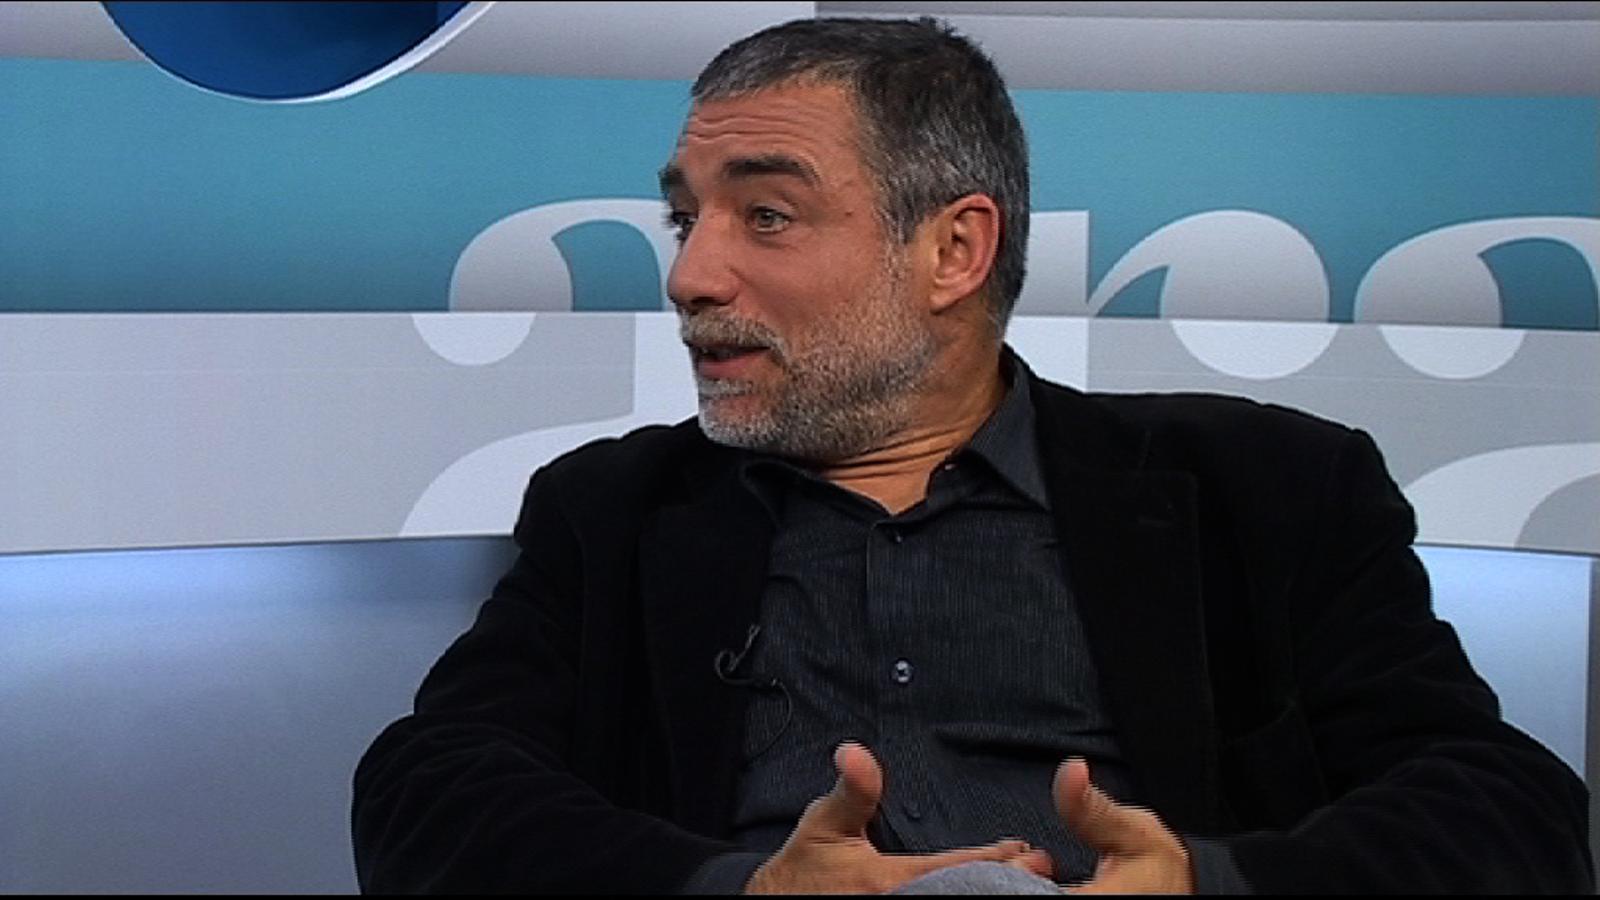 Jaume Plensa: M'encanta l'avió perquè és el no-lloc. I crec molt en l'ésser humà, que arreu és exactament idèntic